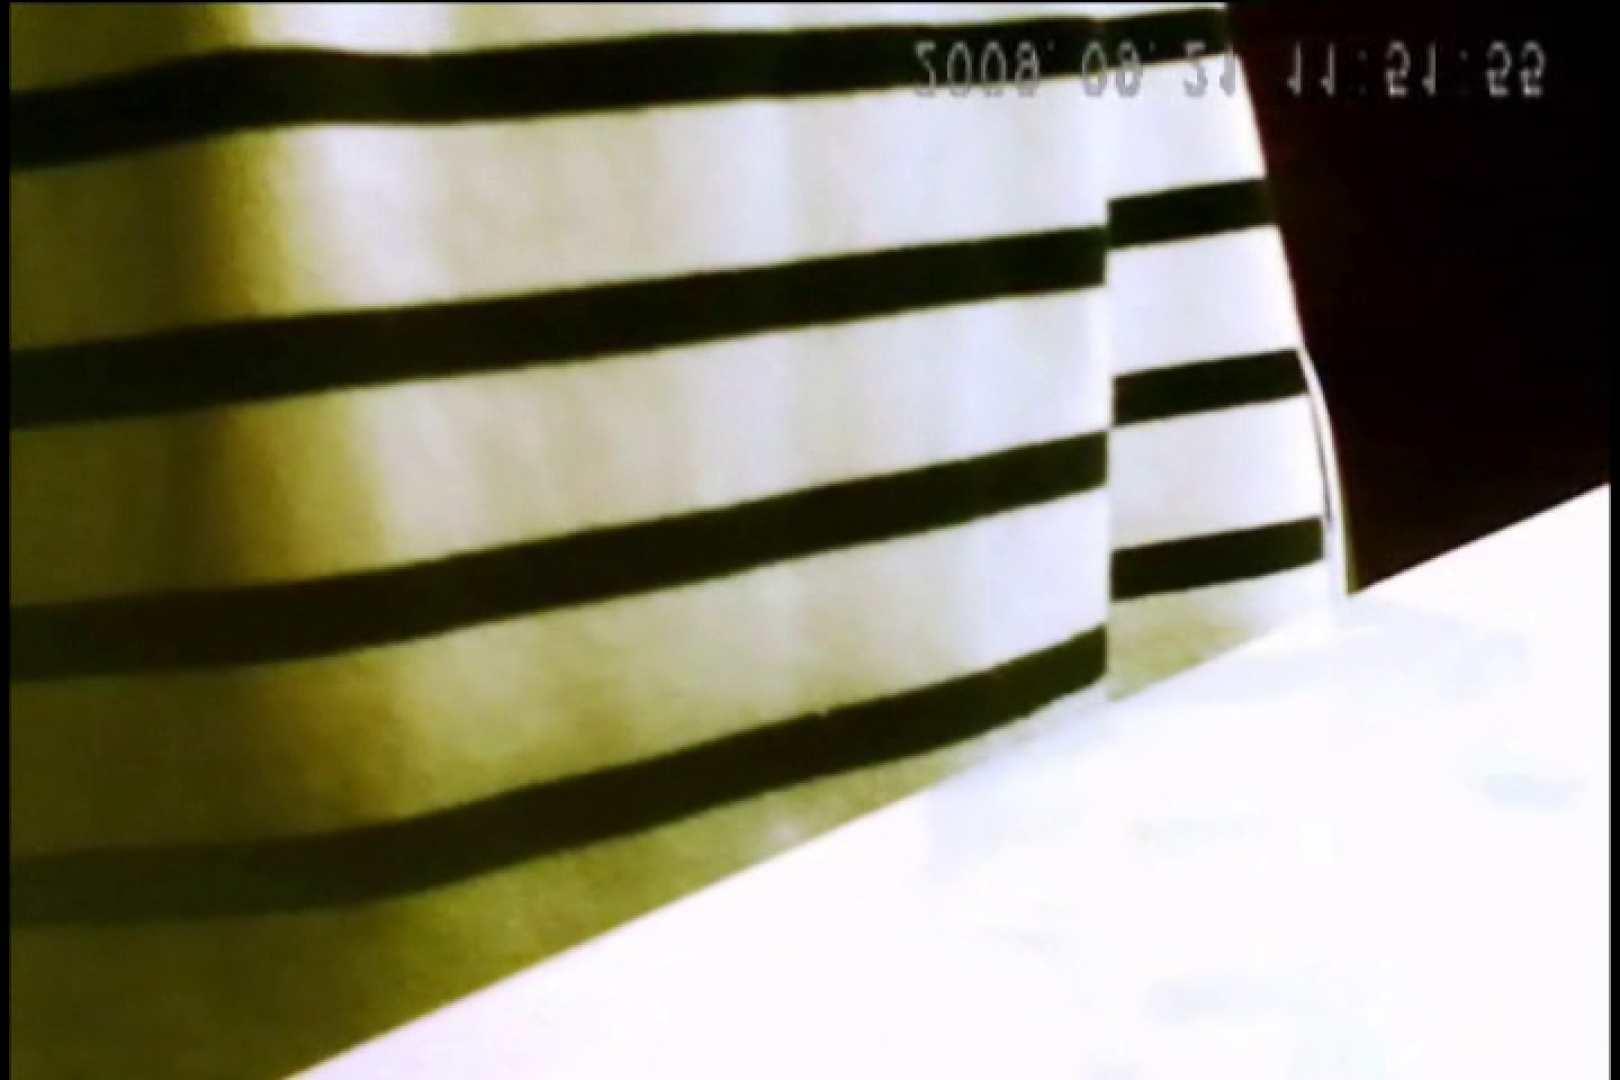 亀さんかわや VIPバージョン! vol.21 黄金水 AV動画キャプチャ 78PIX 19